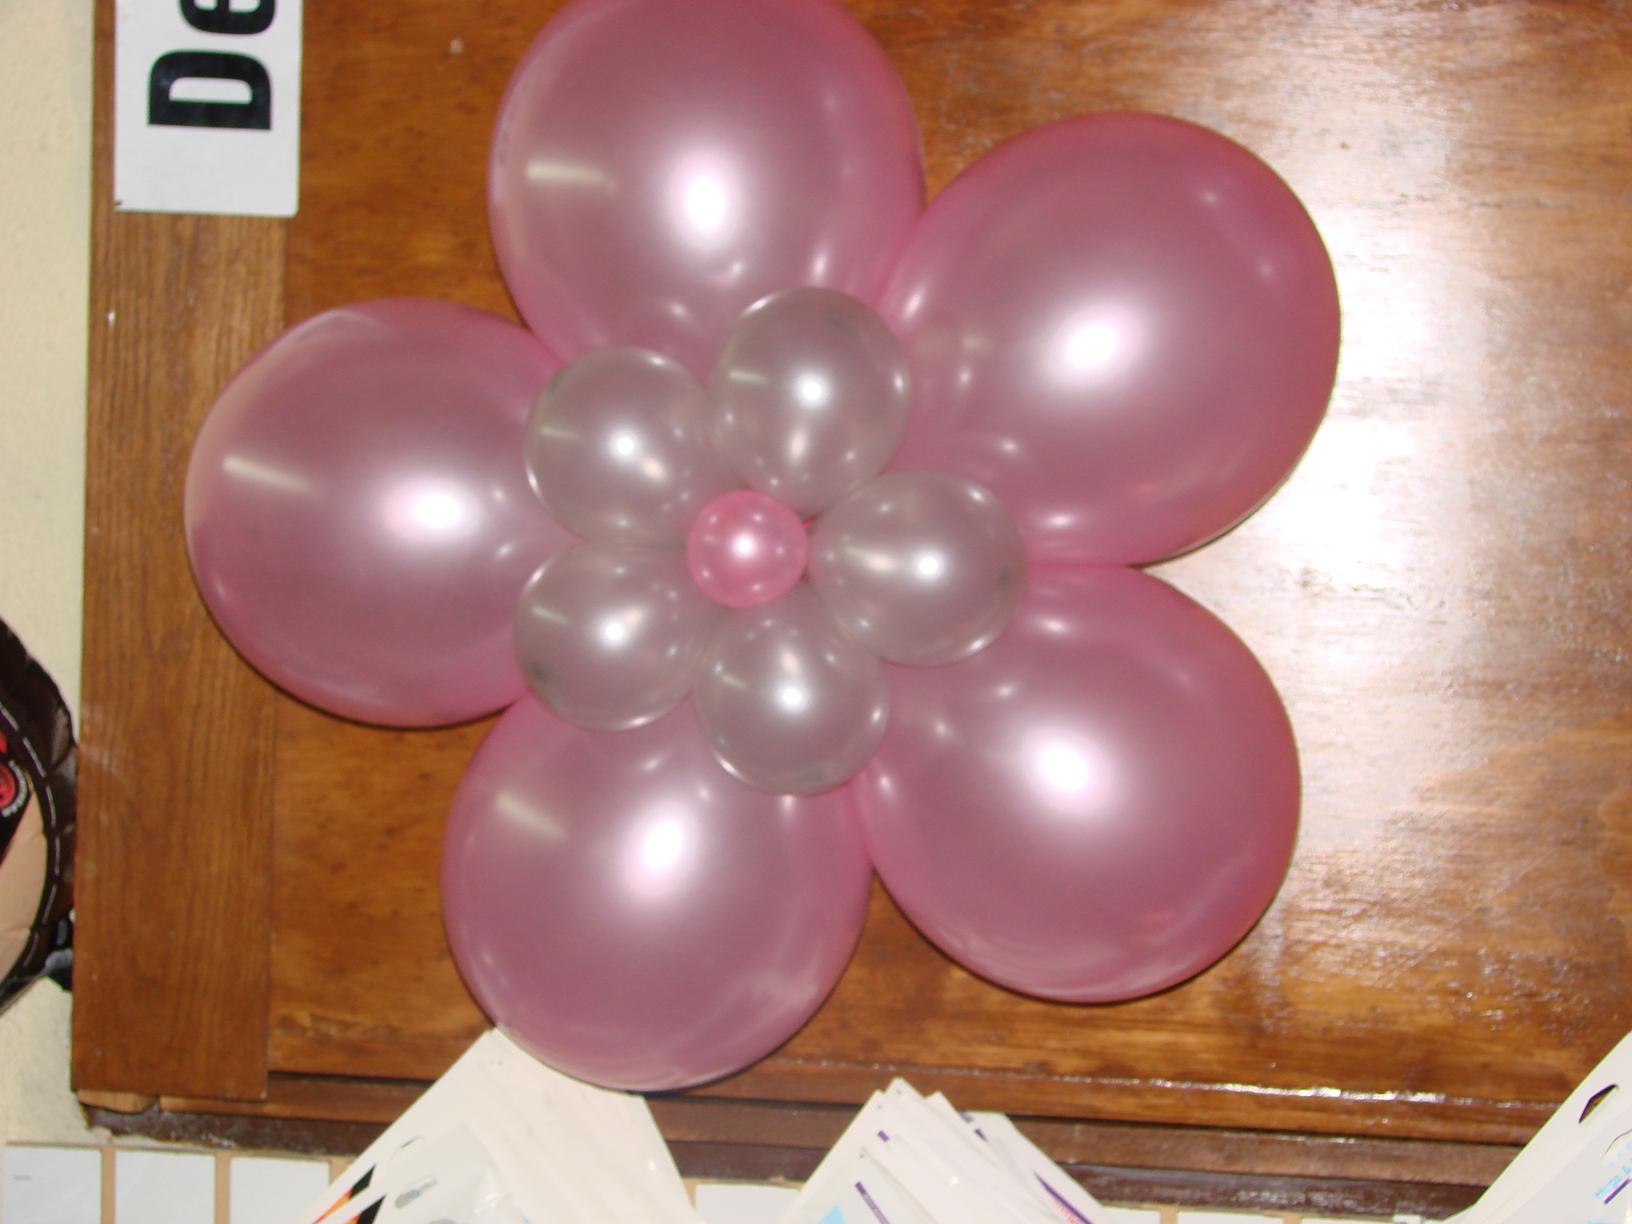 Una Flor Con Globos Premium Para Adornar Tu Evento Sdanalus - Como-hacer-flores-de-globos